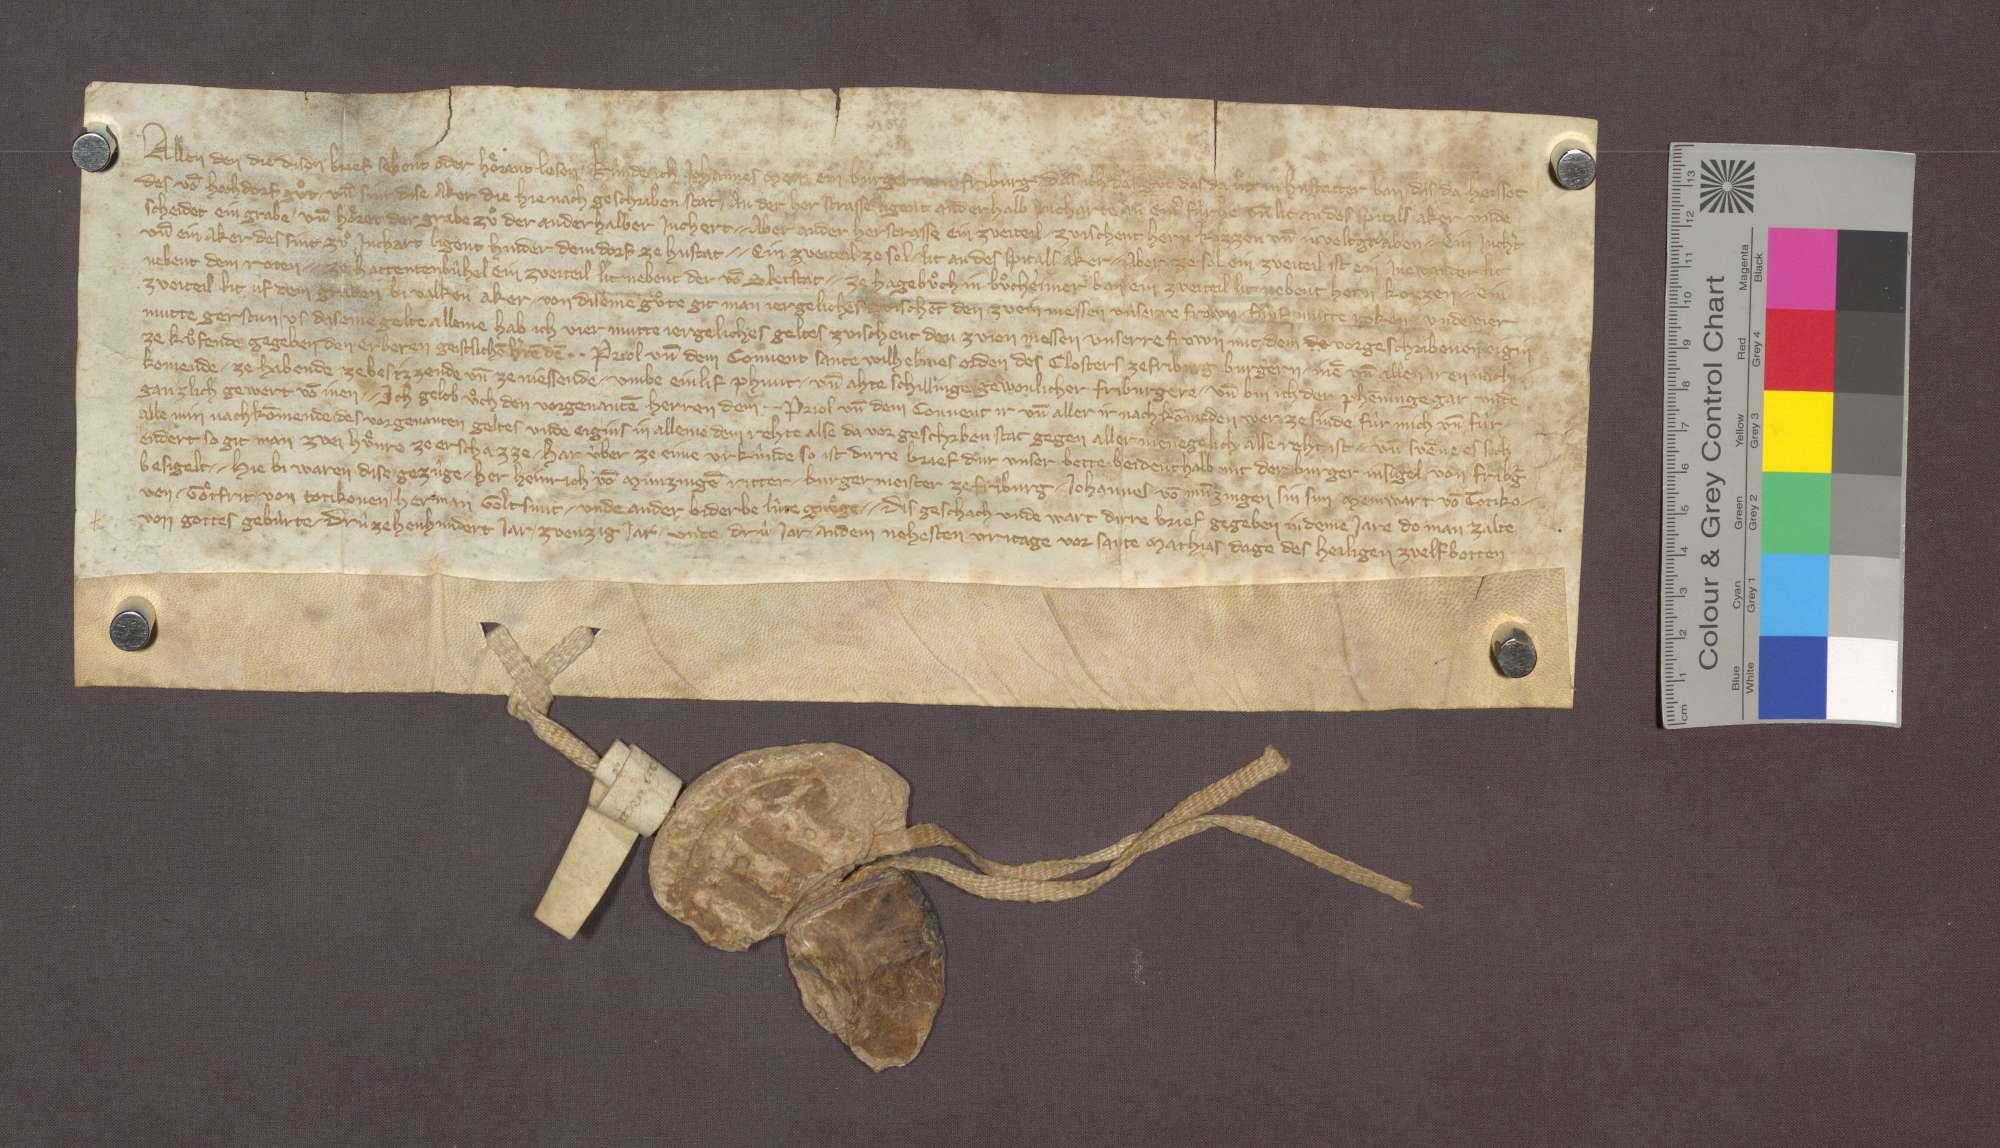 Johannes Meini, Bürger von Freiburg, verkauft dem Kloster Oberried daselbst von dem im Hugstetter Bann gelegenen Gut, des von Hochdorf Gut genannt, 4 Mutt Gerste Gült um 11 Pfund 8 Schilling Pfennige., Bild 1